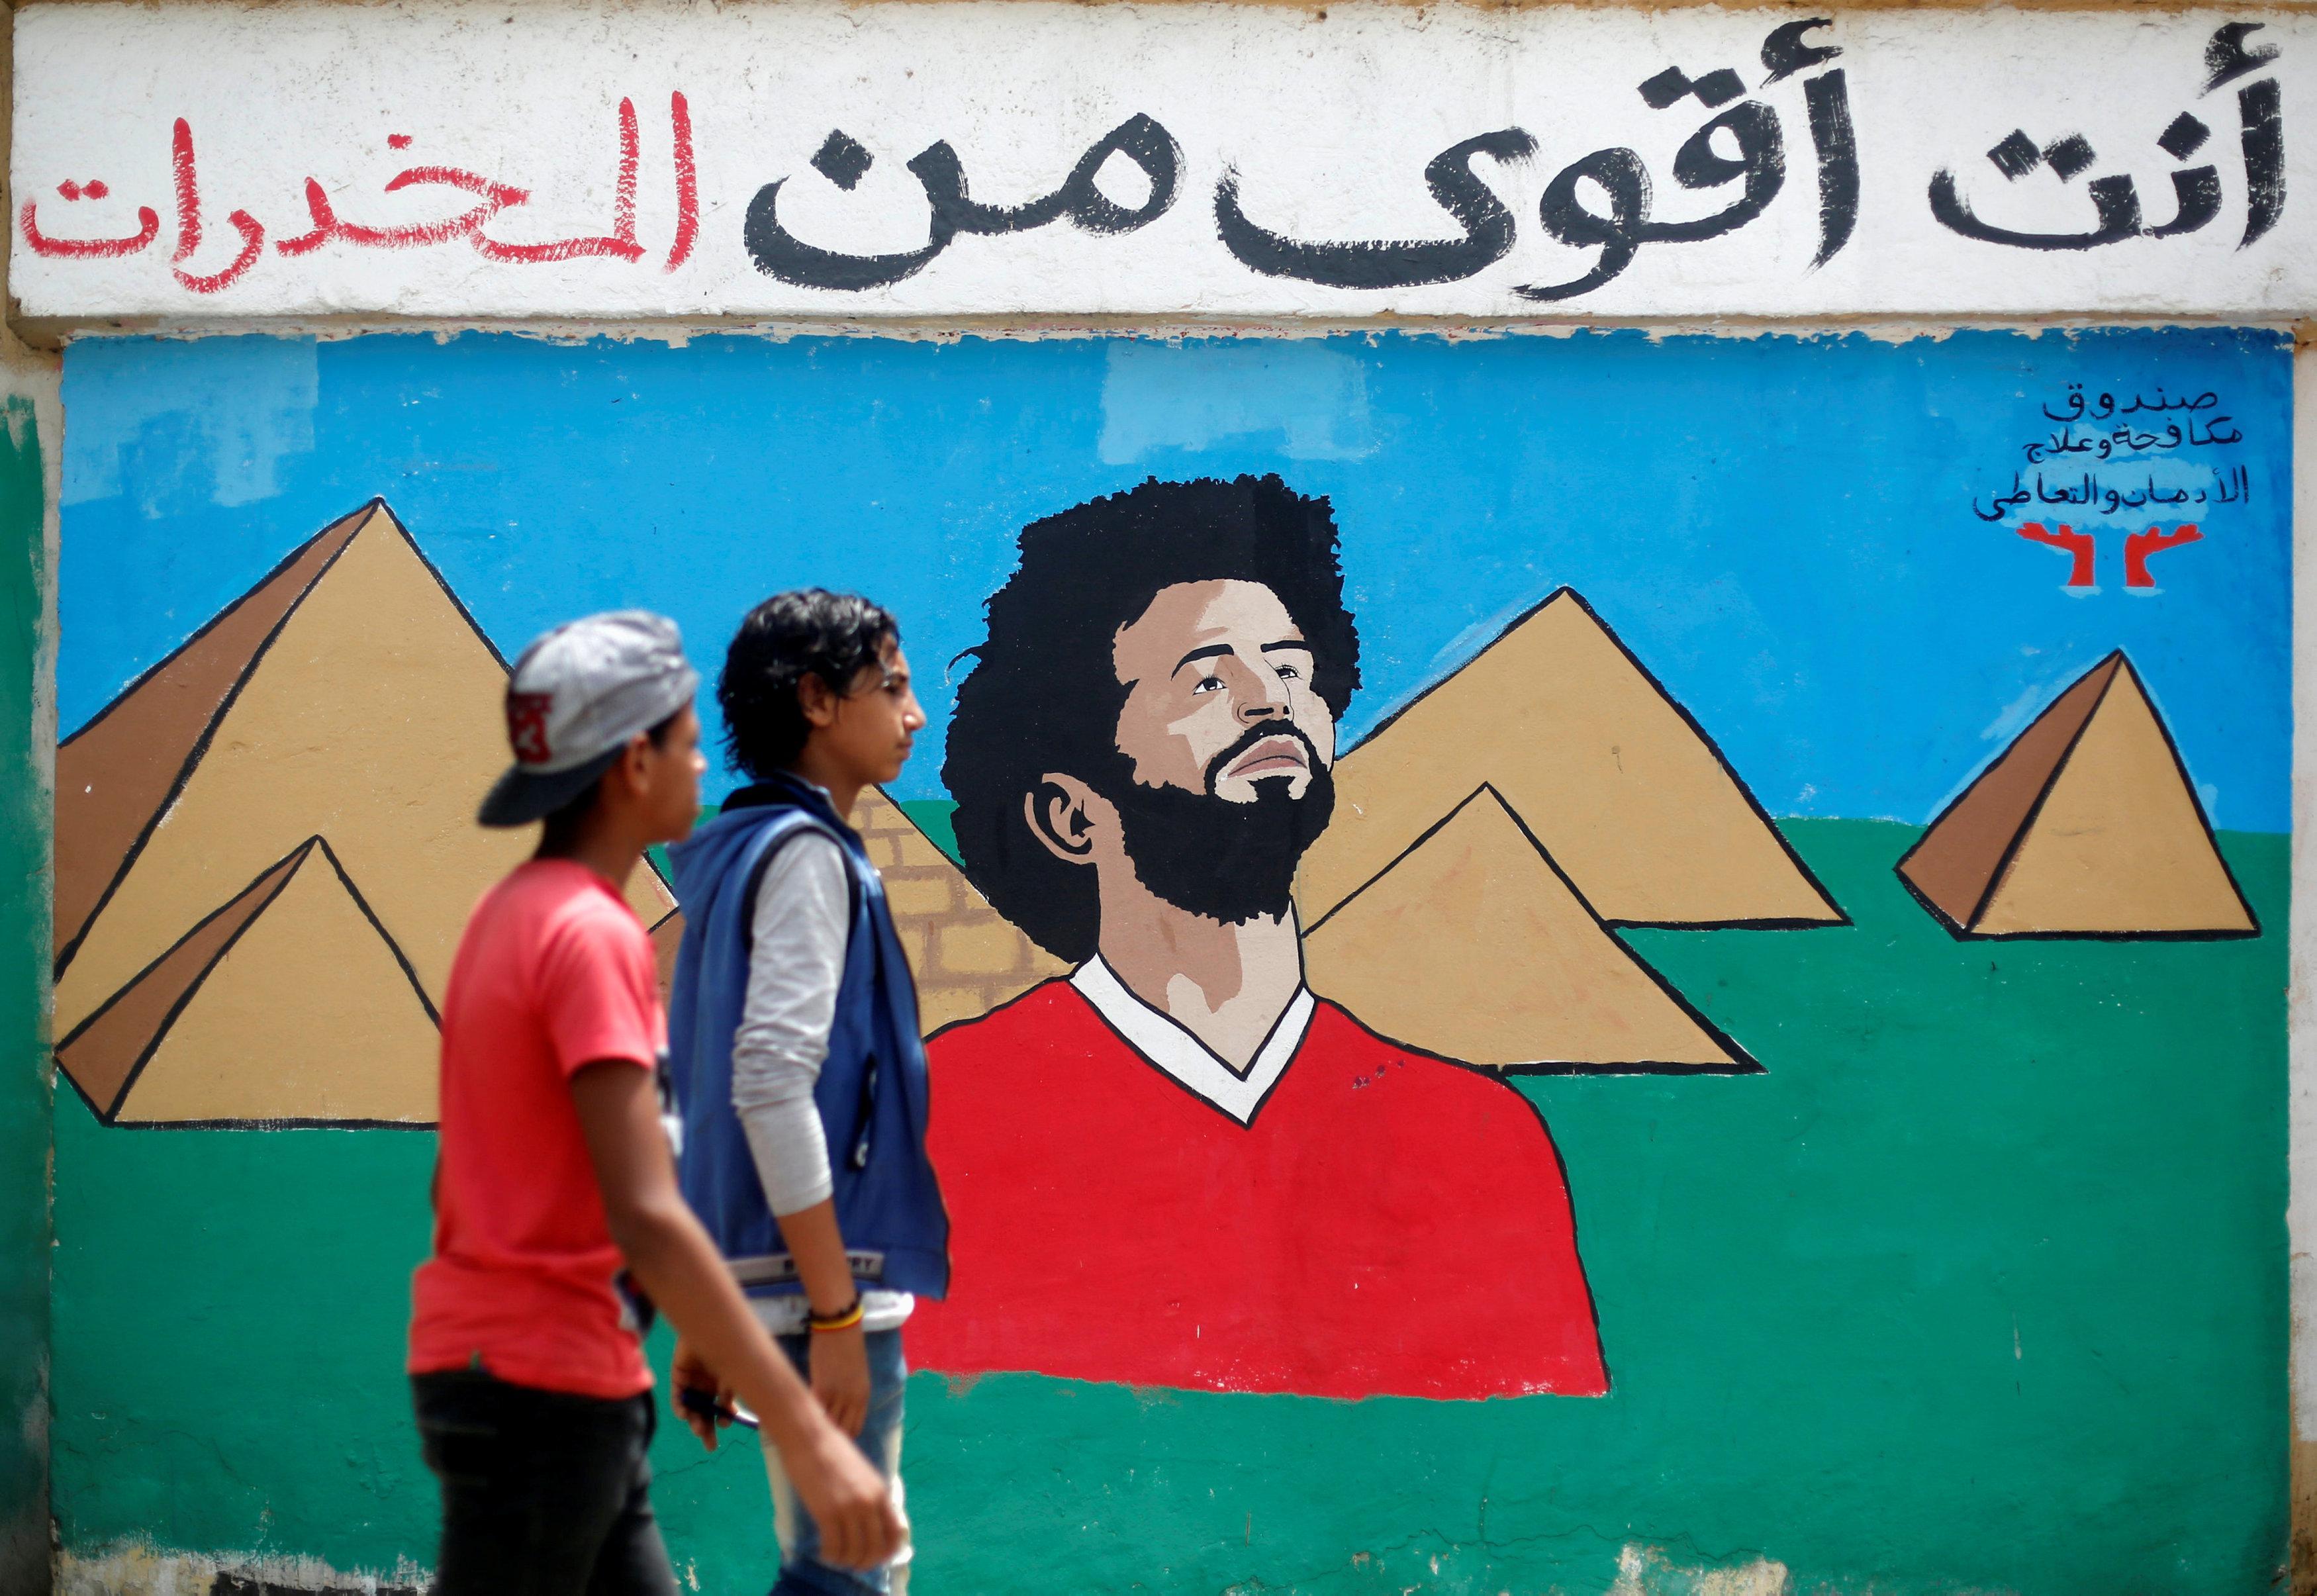 A new Egyptian landmark?